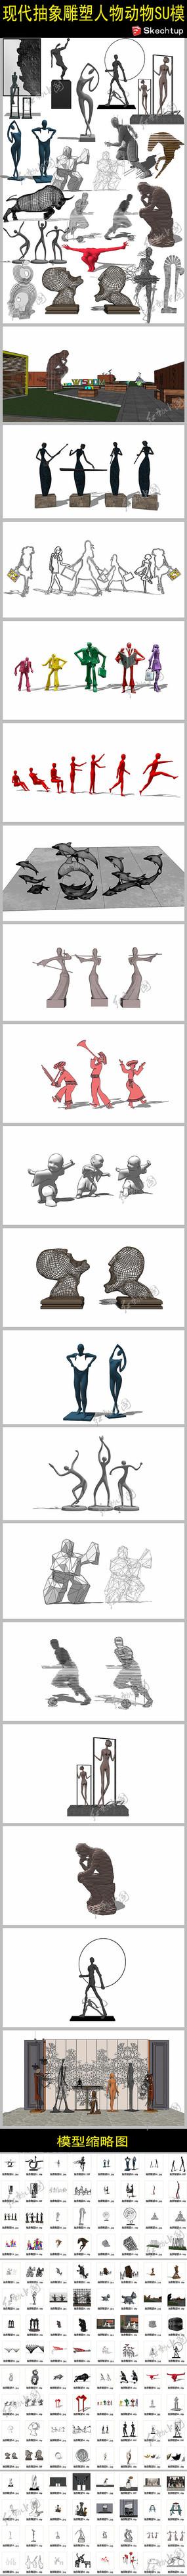 现代抽象雕塑人物动物SU模型